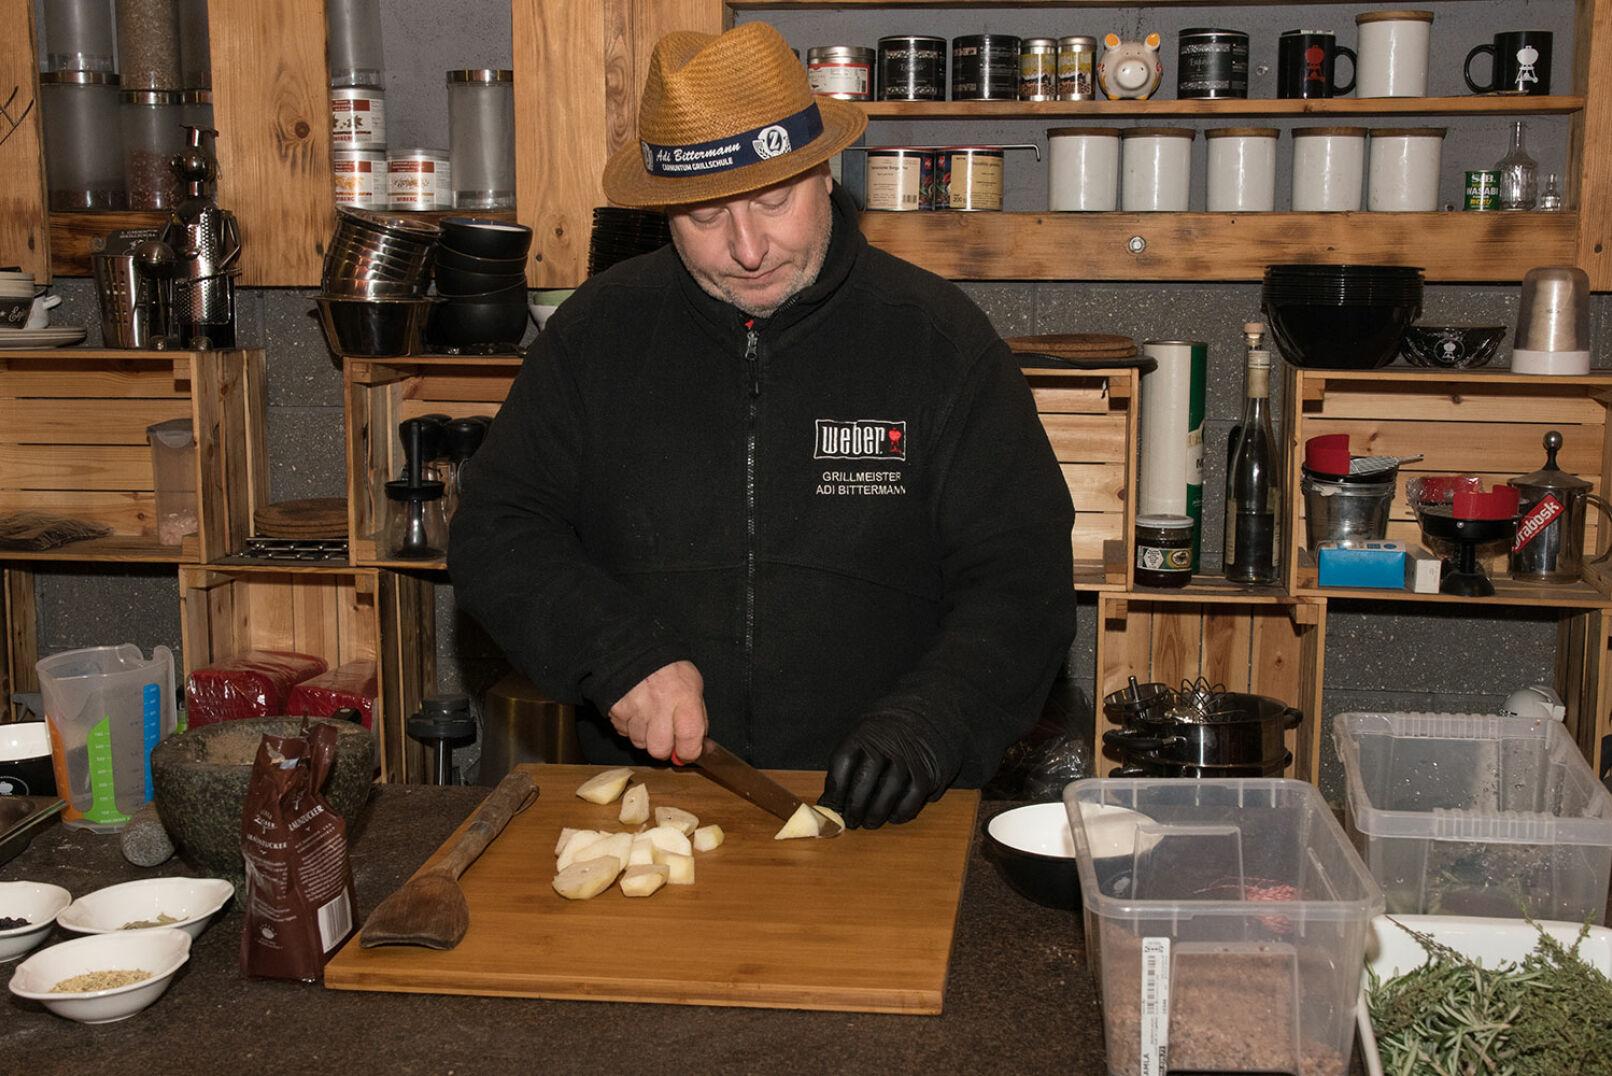 In der Zwischenzeit schält Adi Bittermann die Birnen, schneidet sie in je 8 Teile und entfernt das Kerngehäuse. - © Martin Grasberger